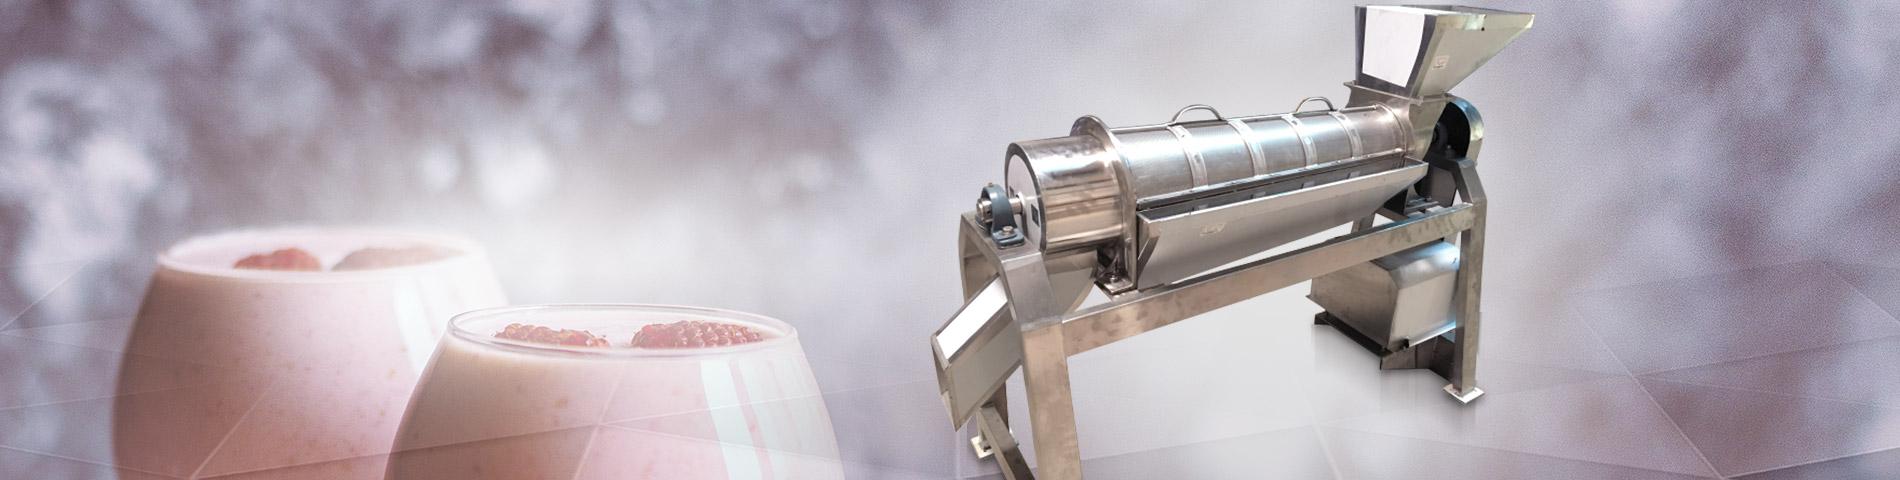 Importado Pantalla de filtro de acero inoxidable, Excelente finura de filtro